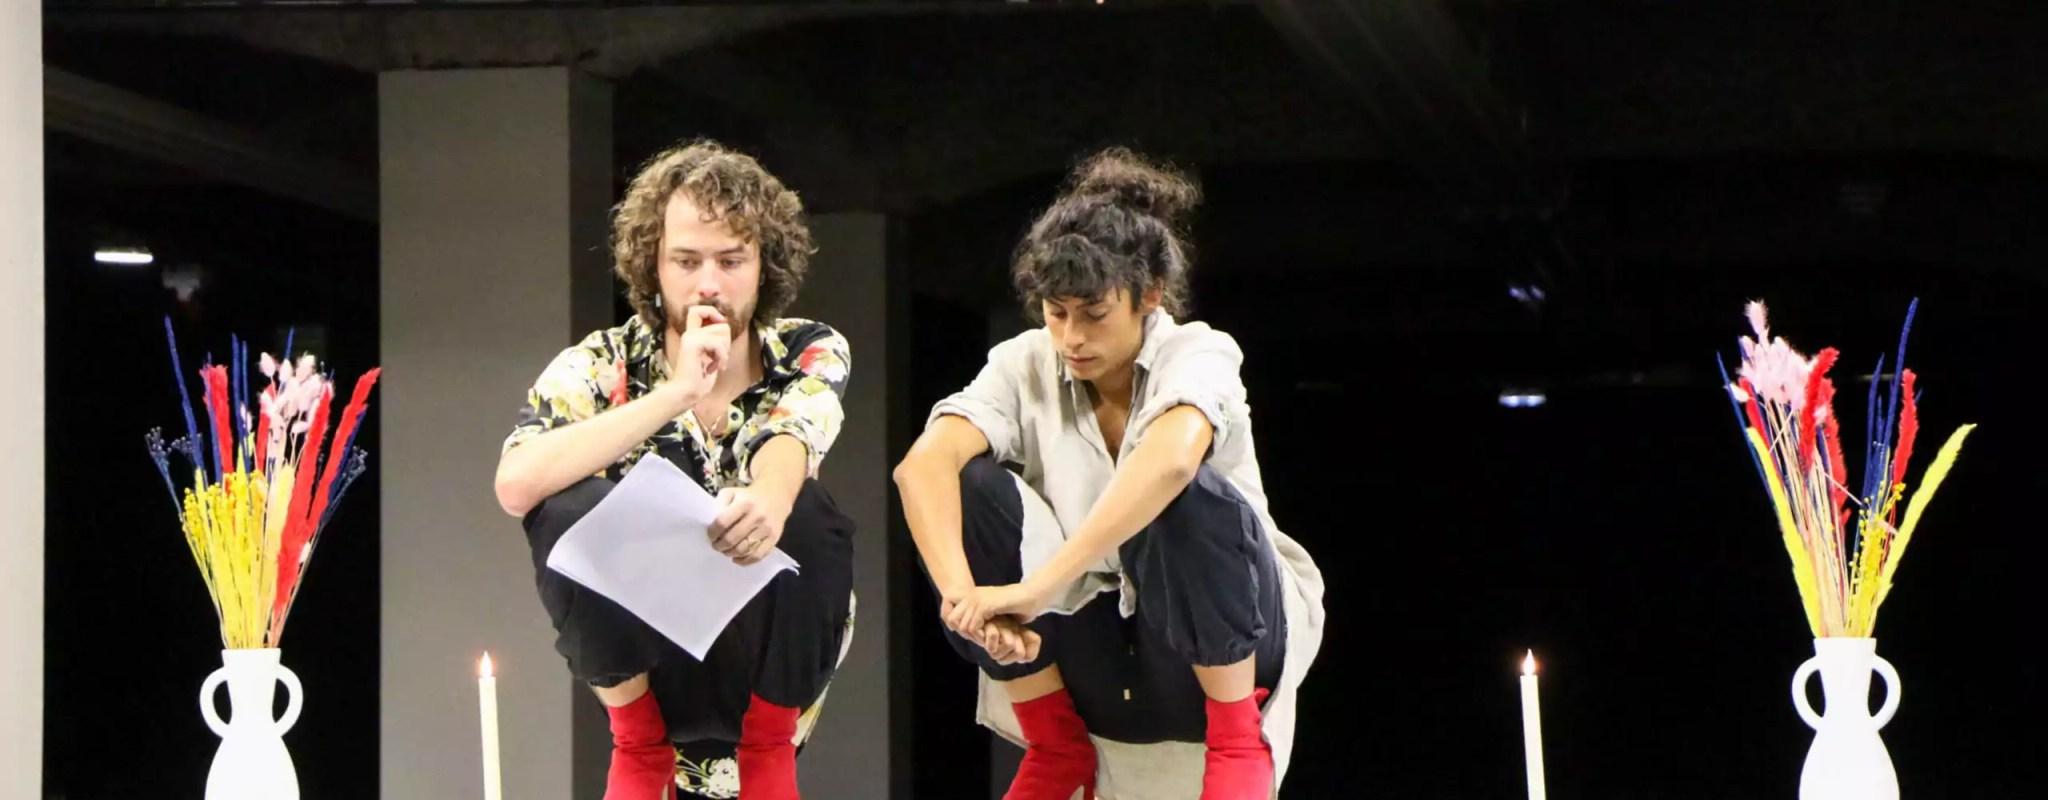 Les Rats quittent le navire, un théâtre amoureux et inclusif au Hall des Chars